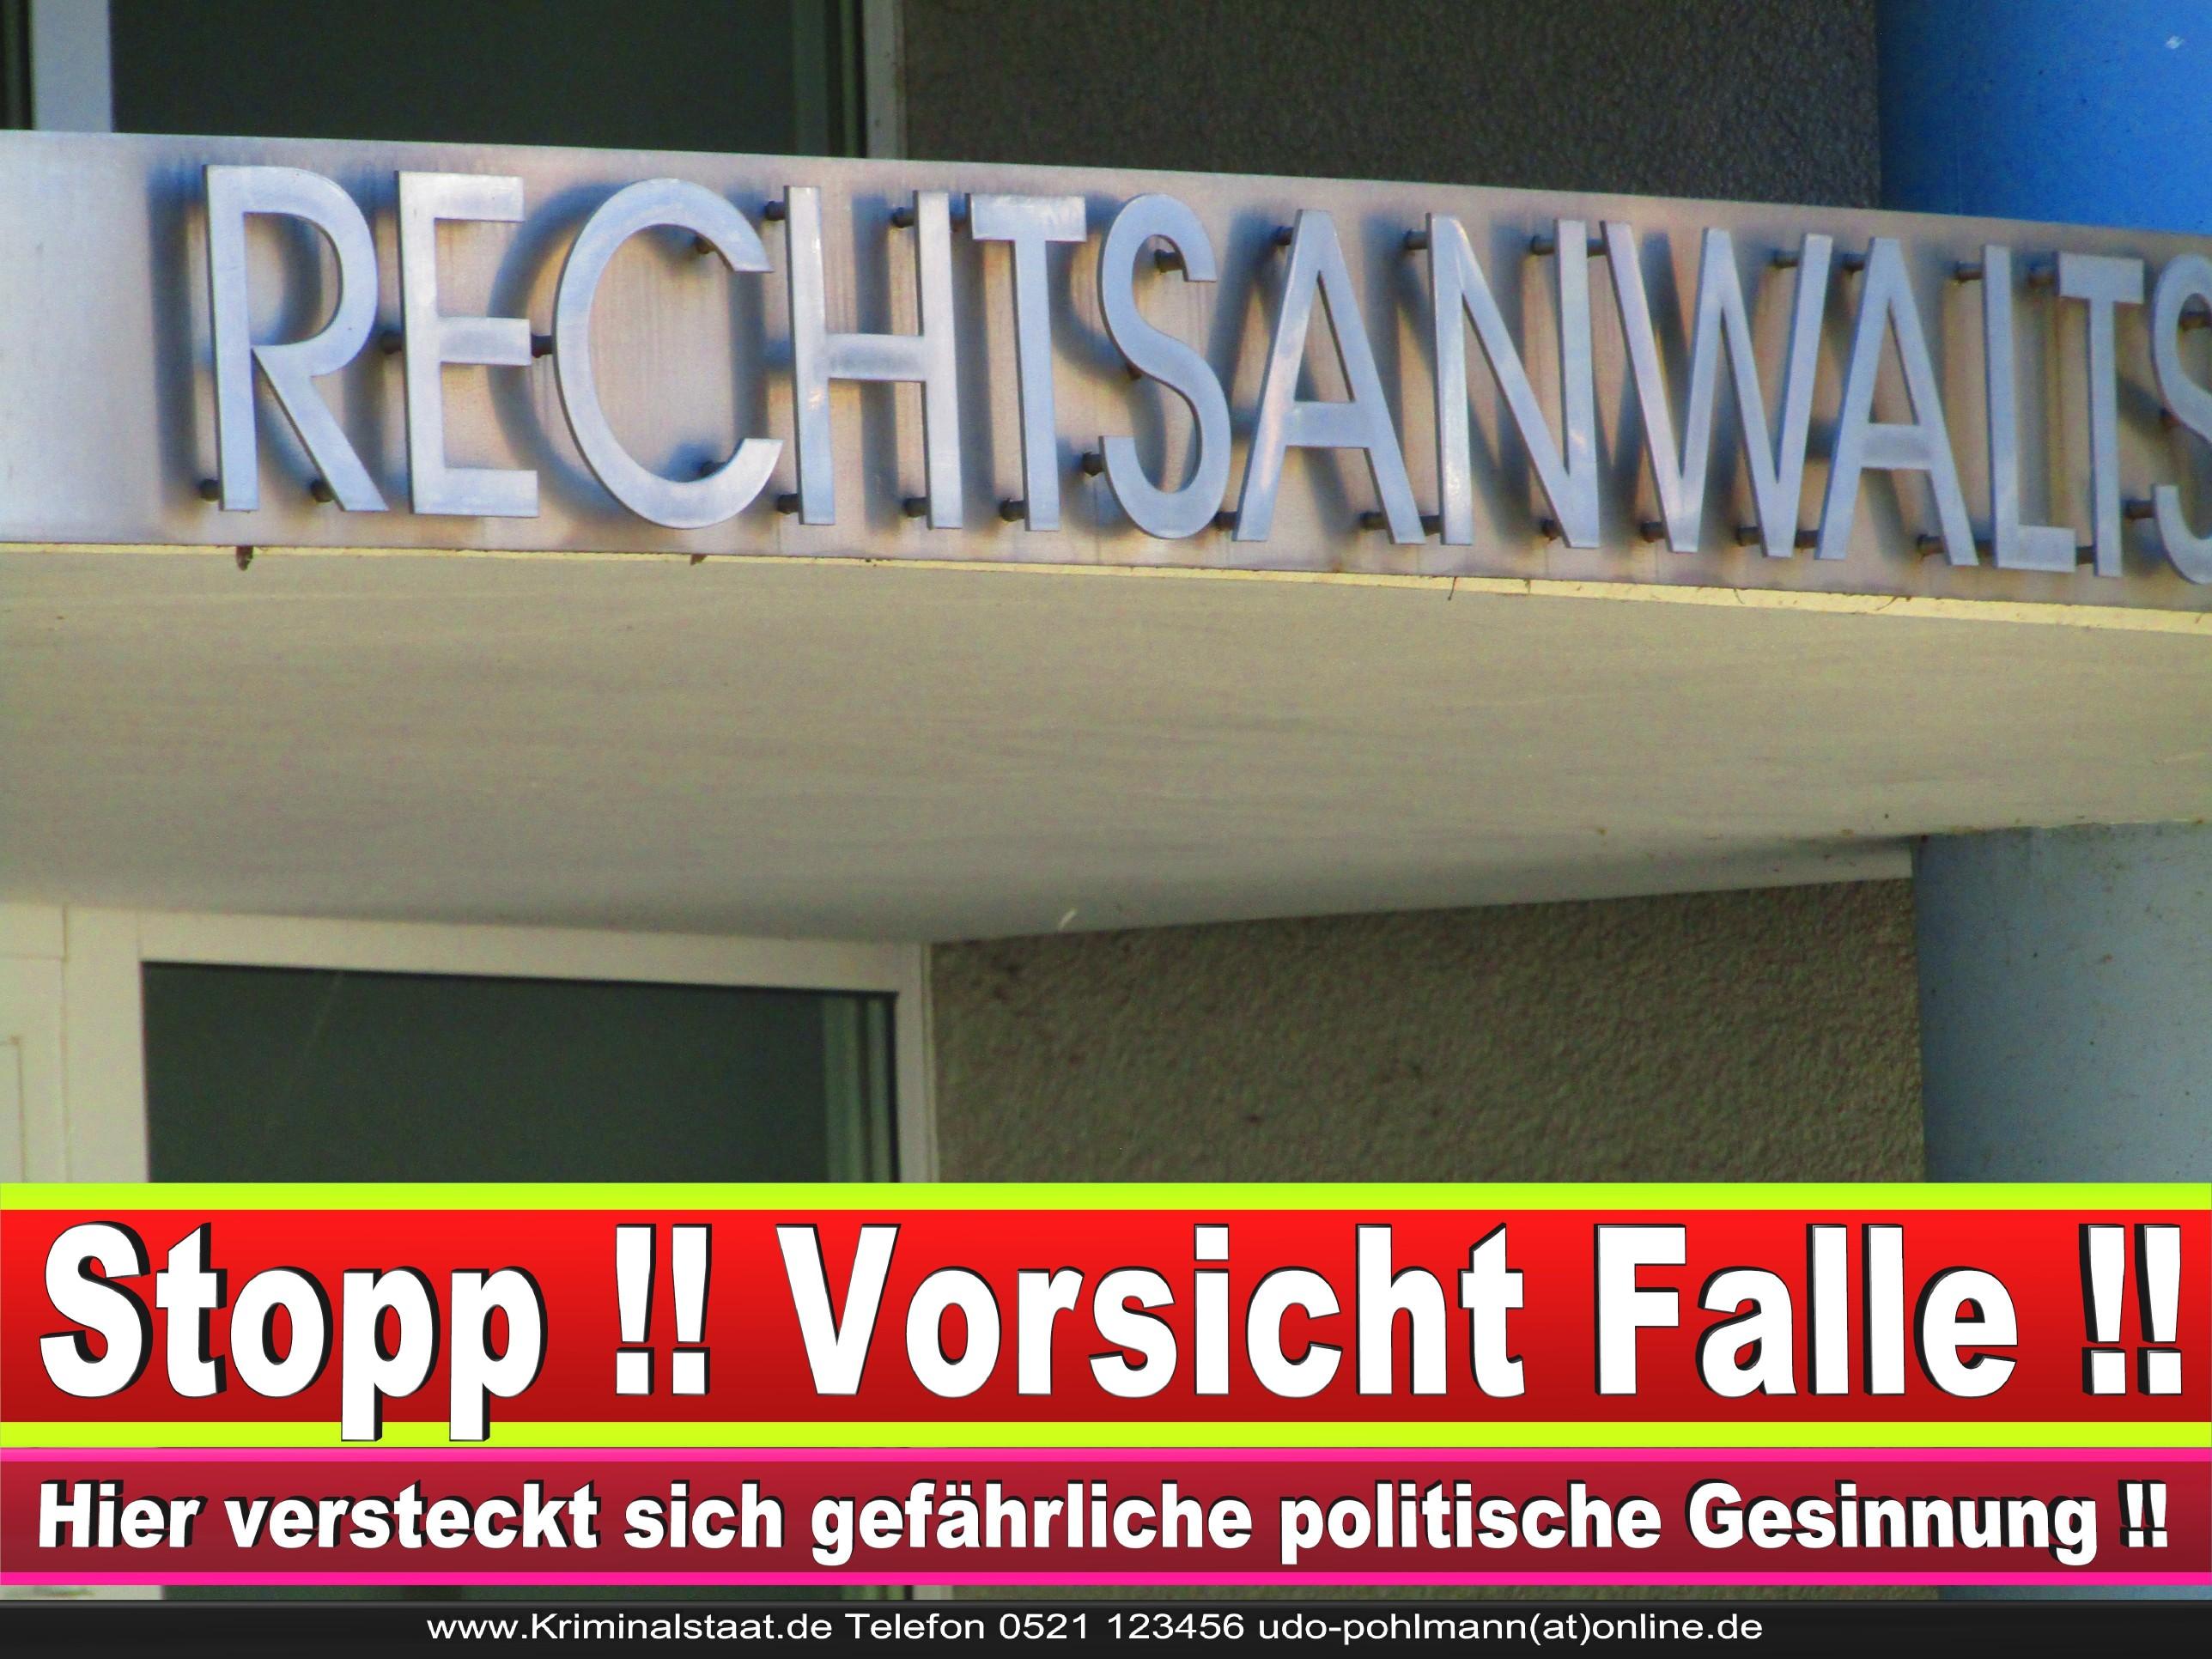 Rechtsanwaltskammer Hamm NRW Justizminister Rechtsanwalt Notar Vermögensverfall Urteil Rechtsprechung CDU SPD FDP Berufsordnung Rechtsanwälte Rechtsprechung (21) 1